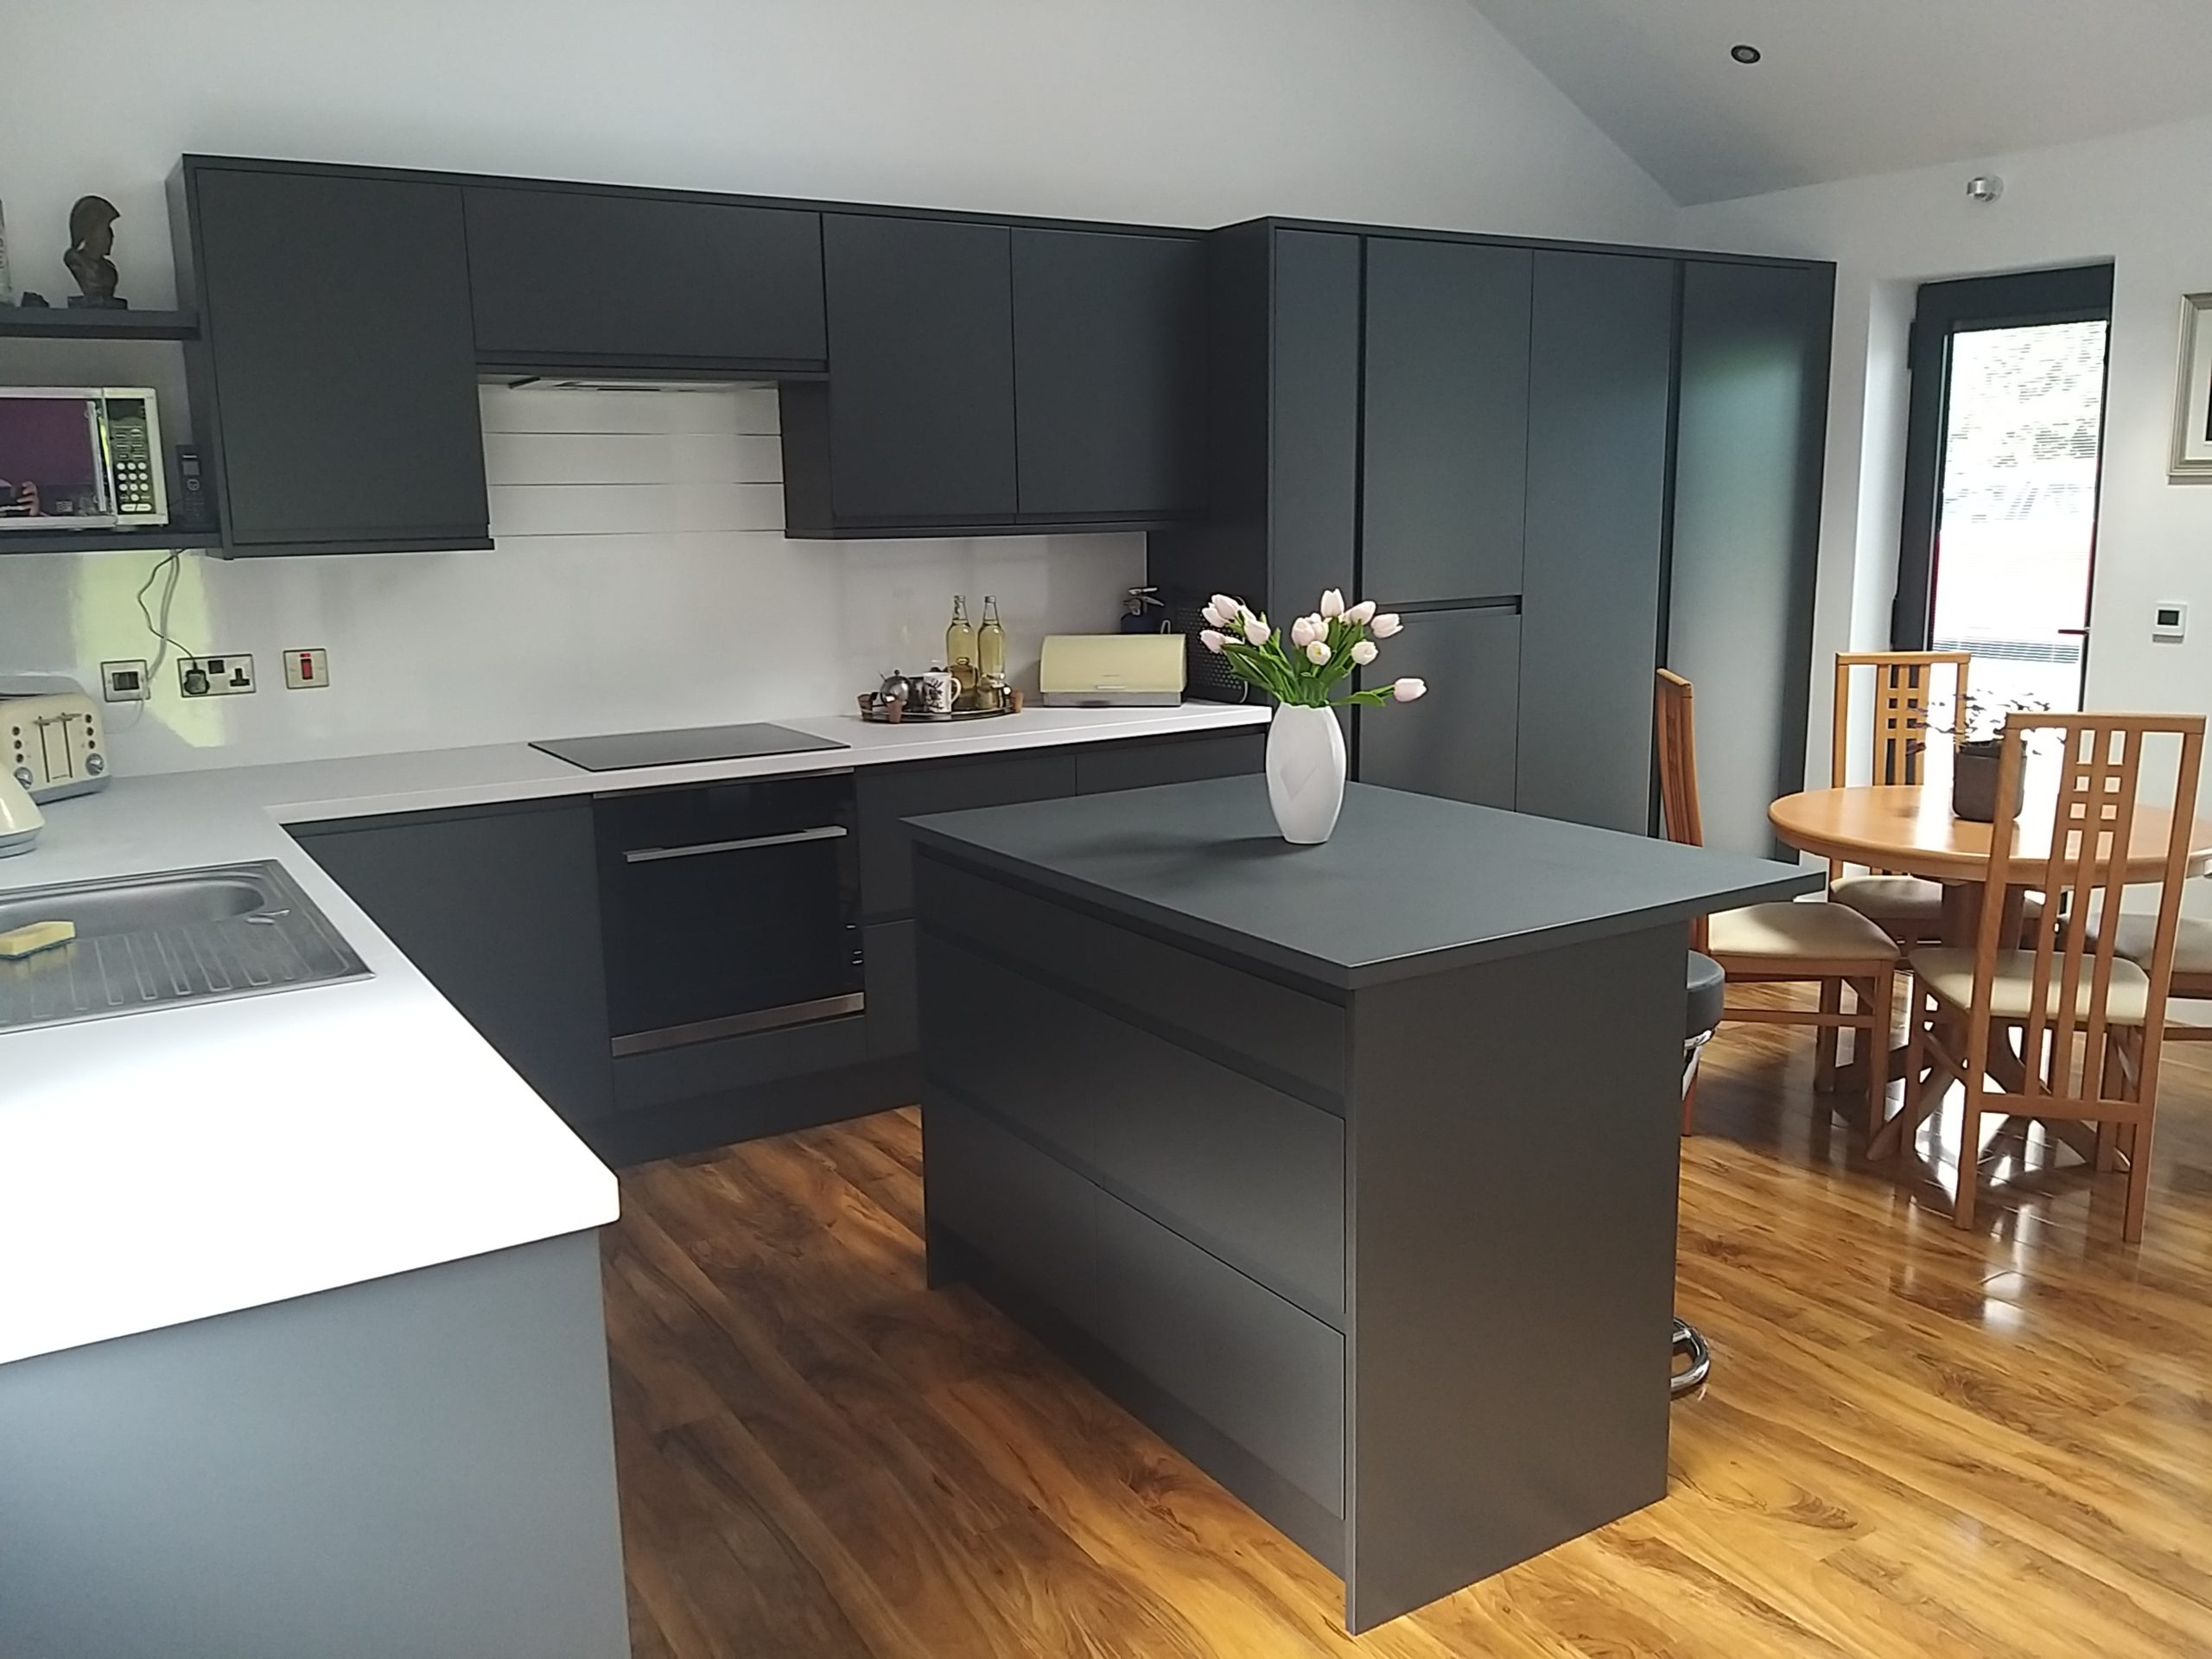 Kitchen of a garage conversion